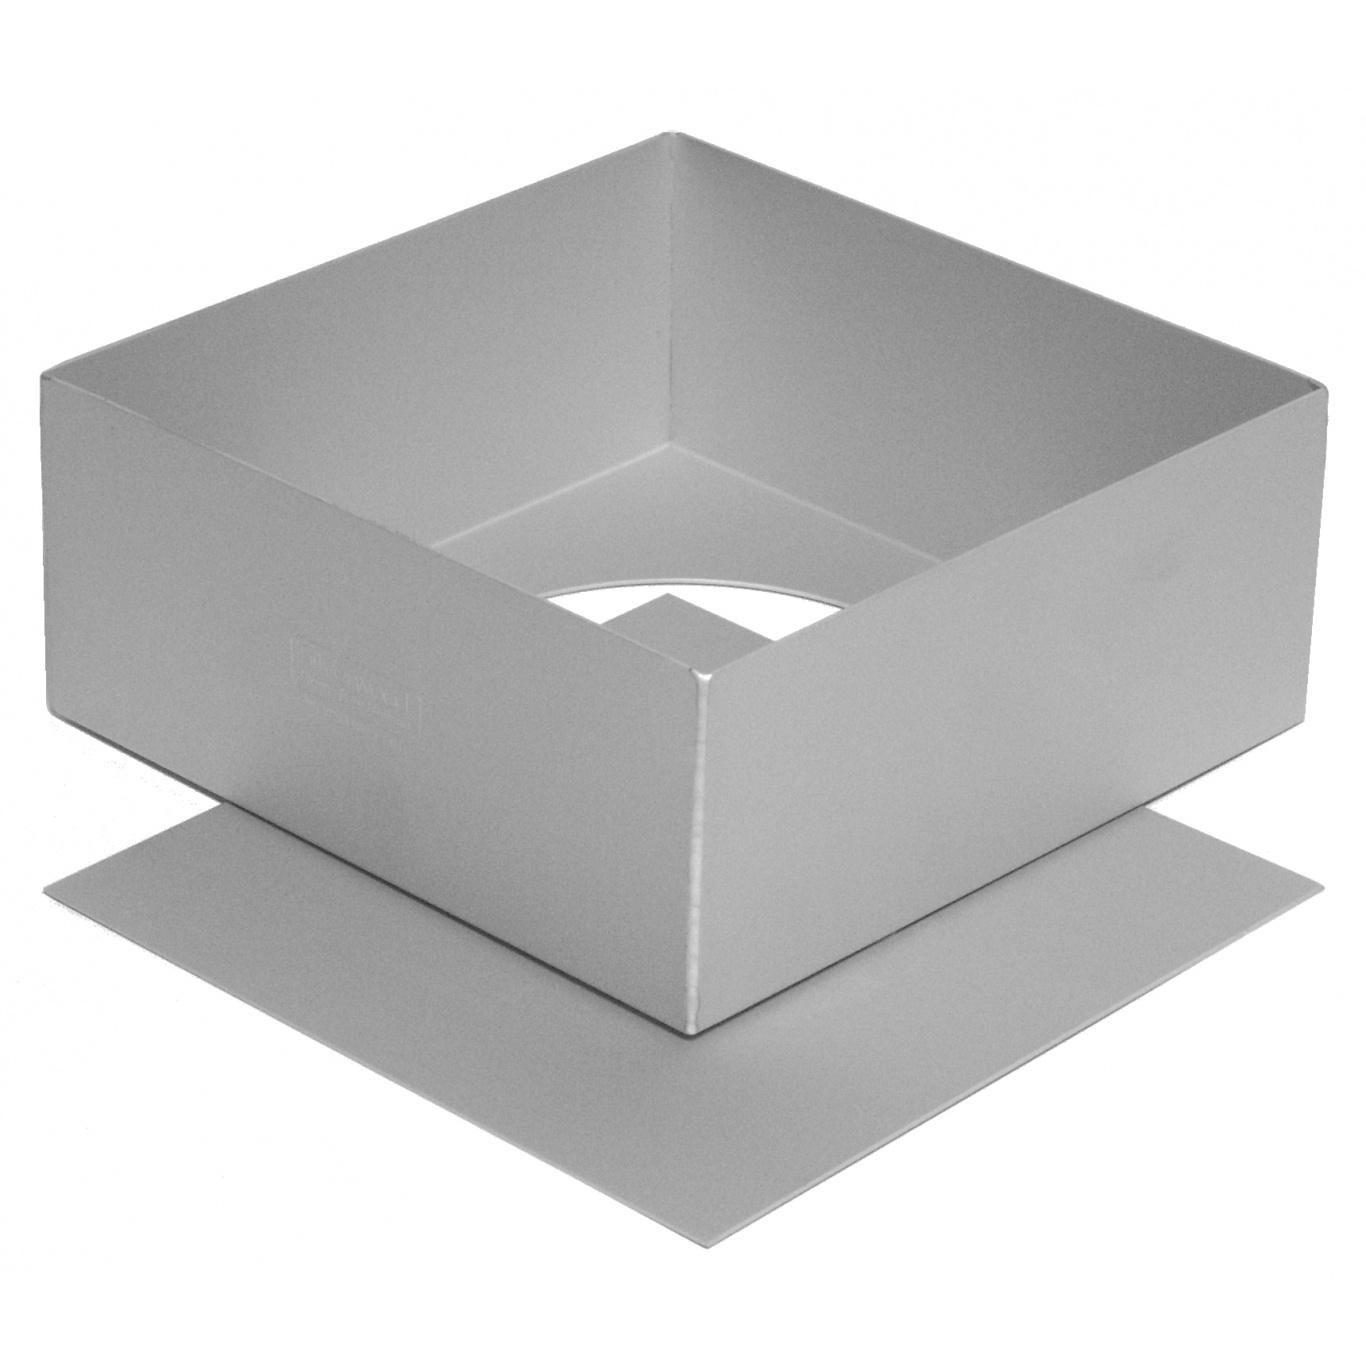 Image of Silverwood Square Cake Pan Loose Base 6ins/15cm